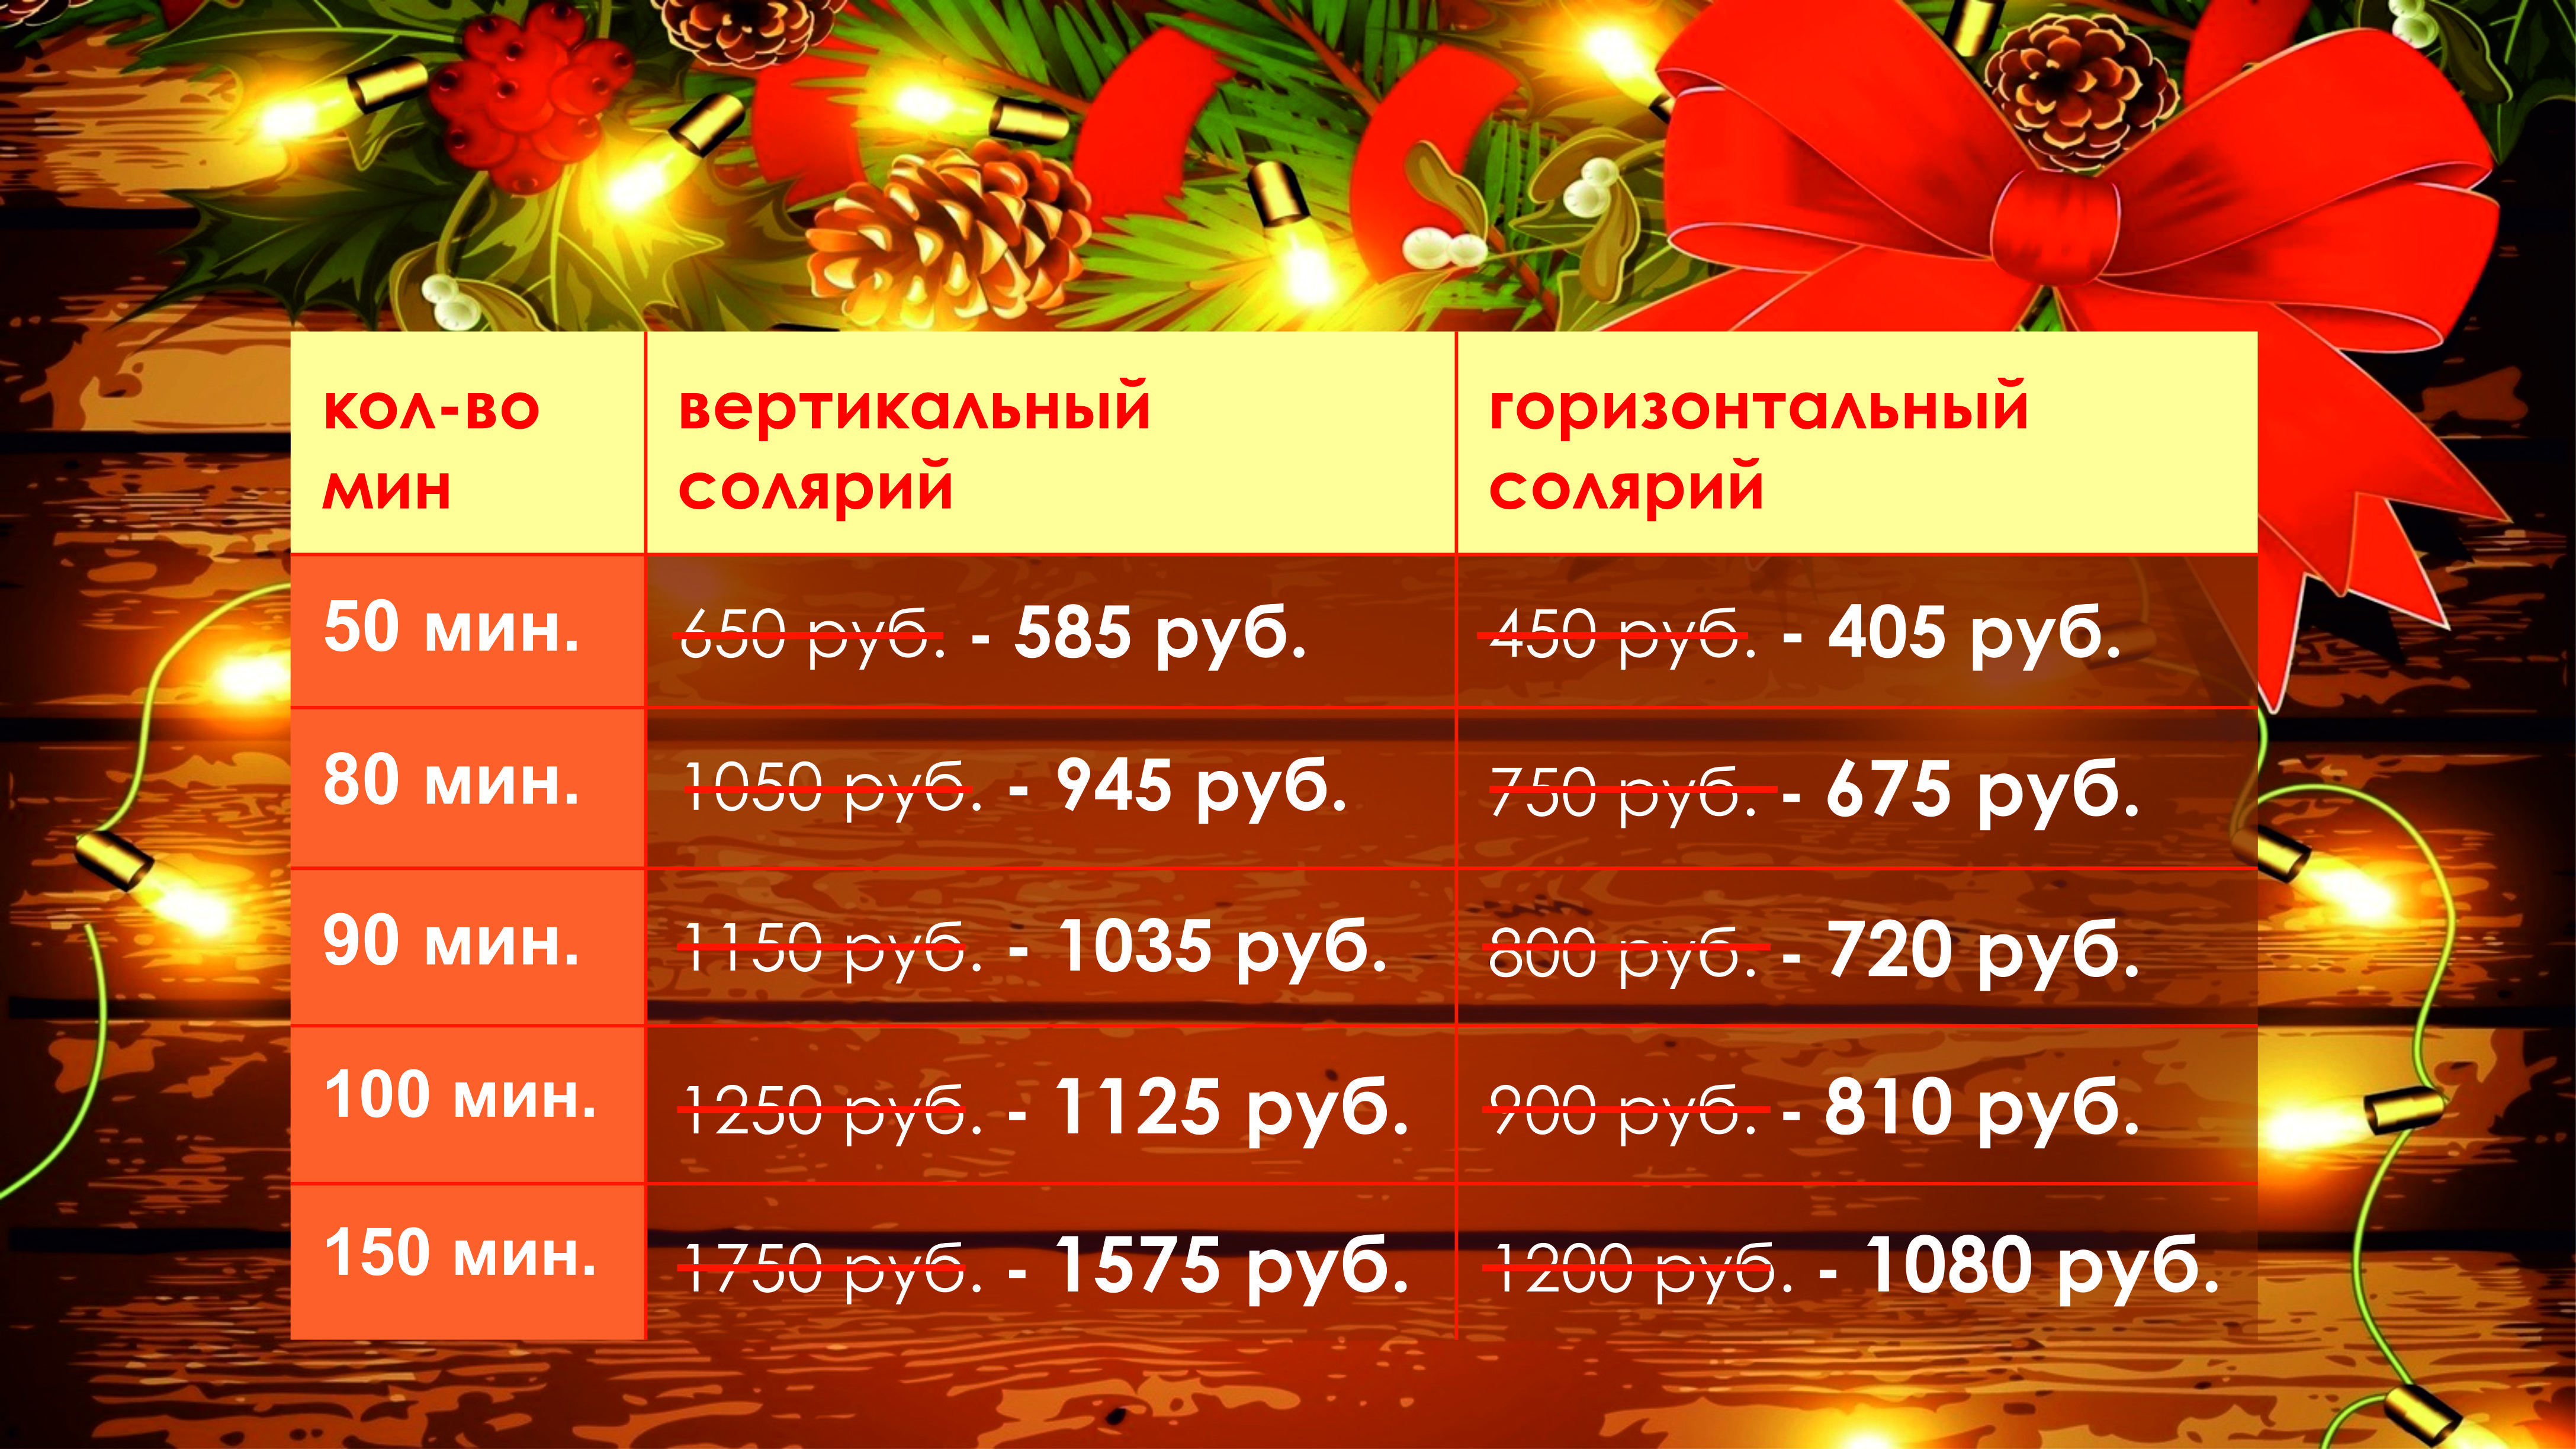 Новогодняя скидка — 10% на абонементы в солярии!